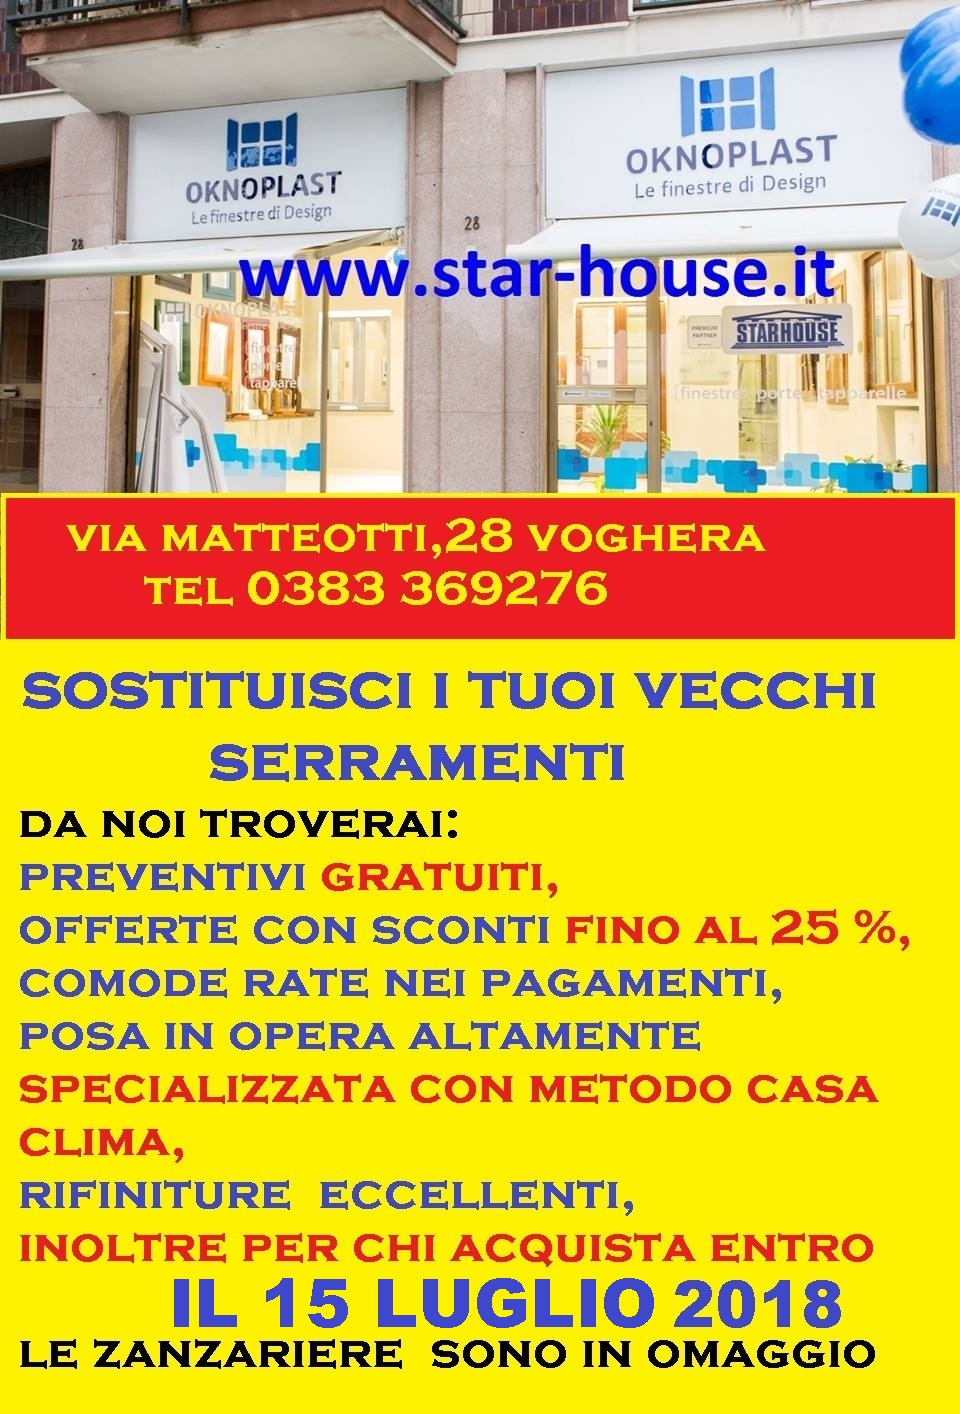 promozioneStarhouse